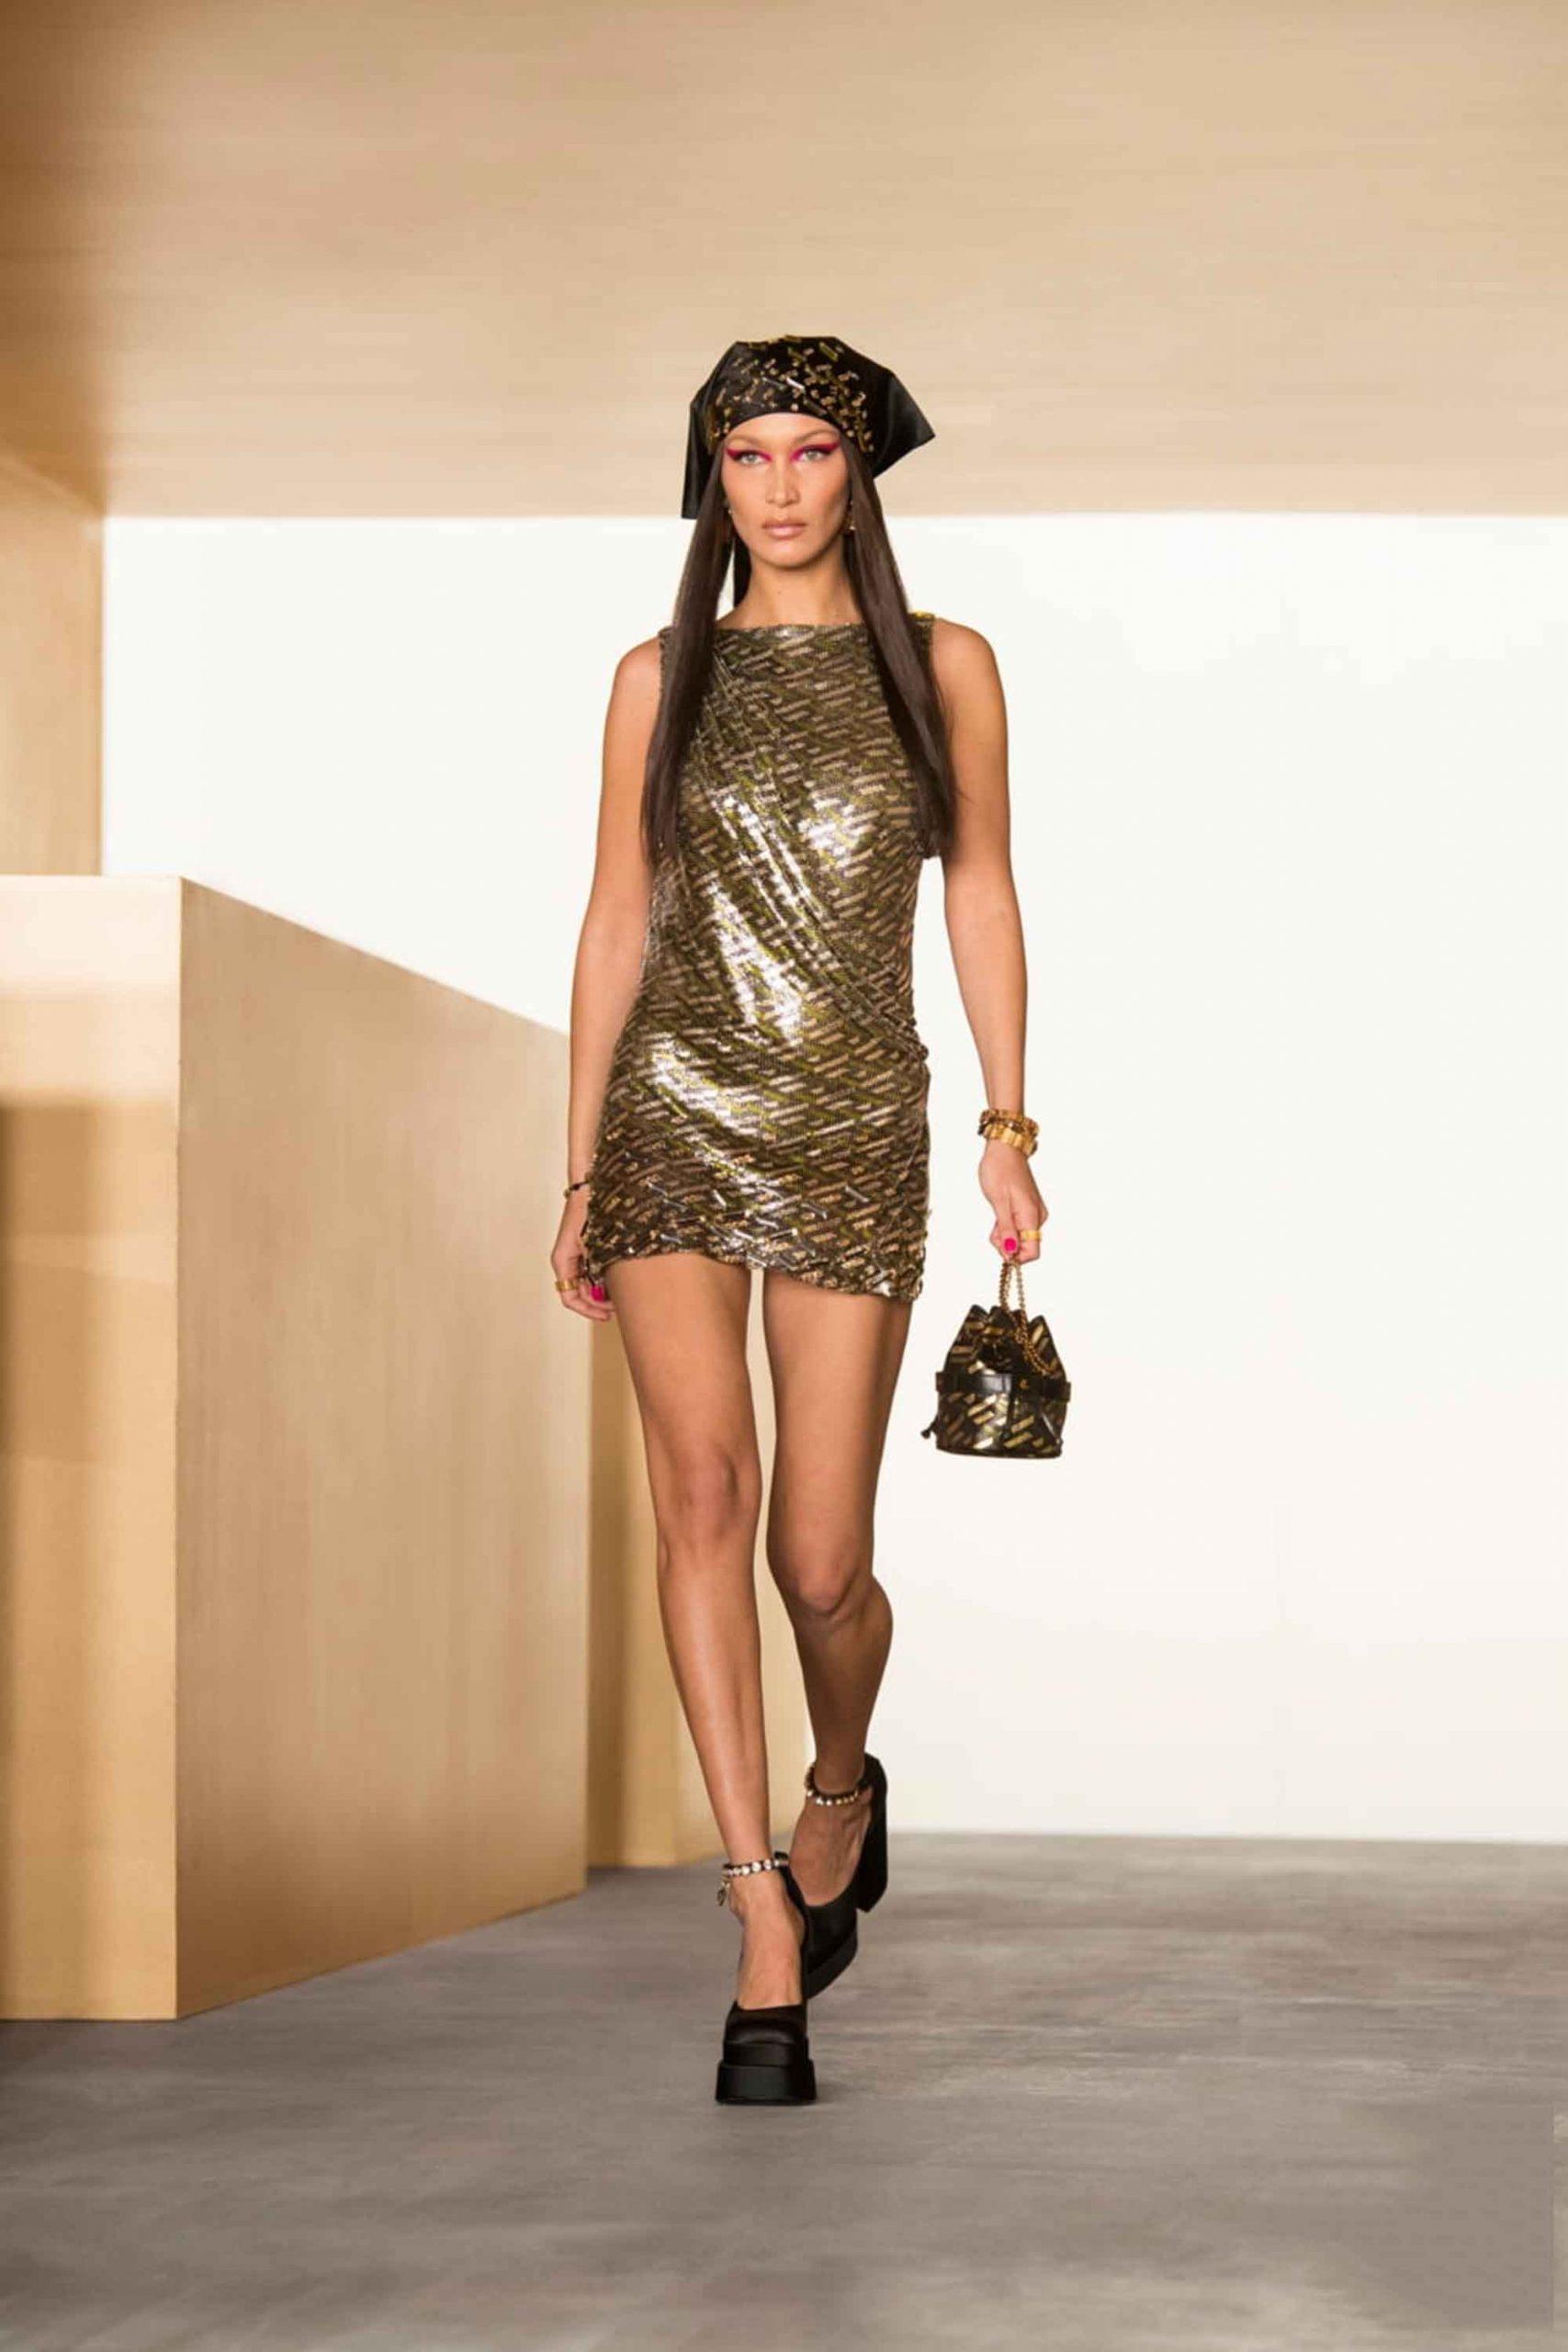 Iryna Shayk x versace - Neomag.